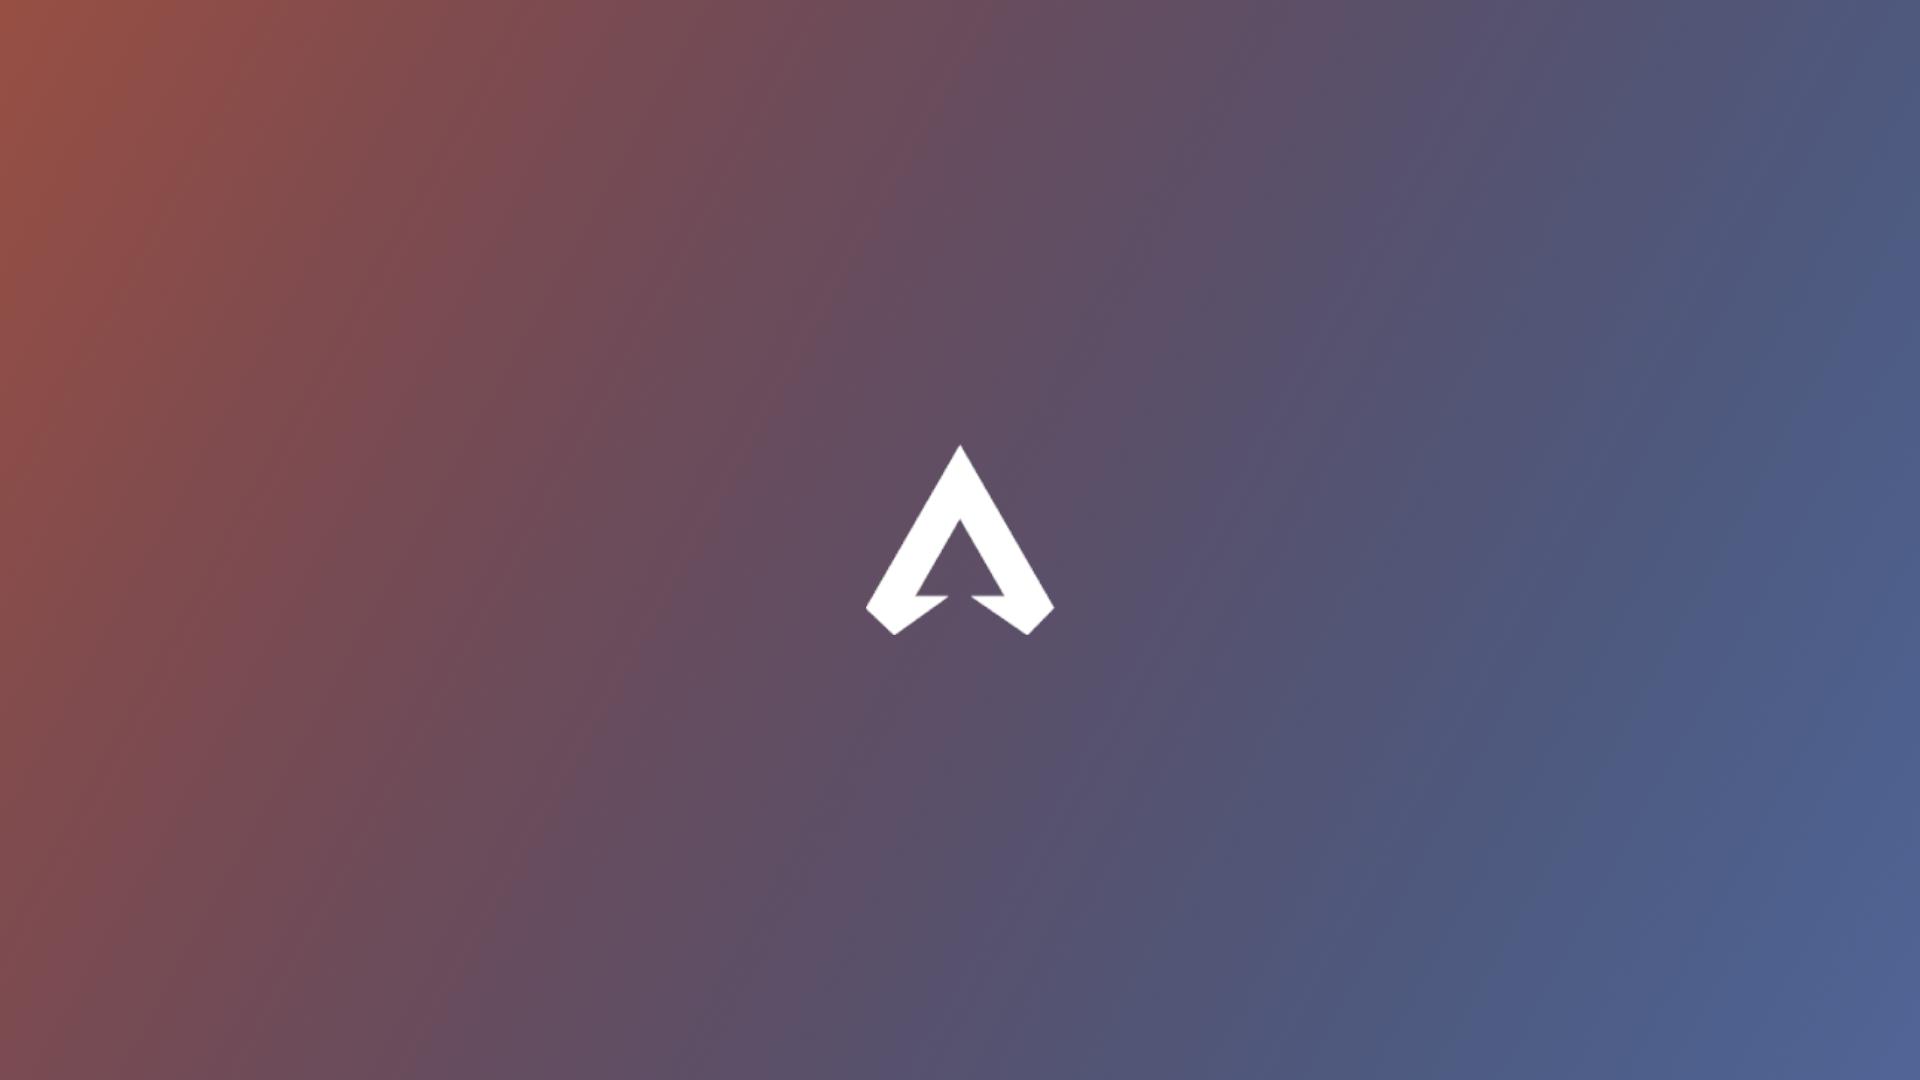 apex legends logo hd wallpaper 72677